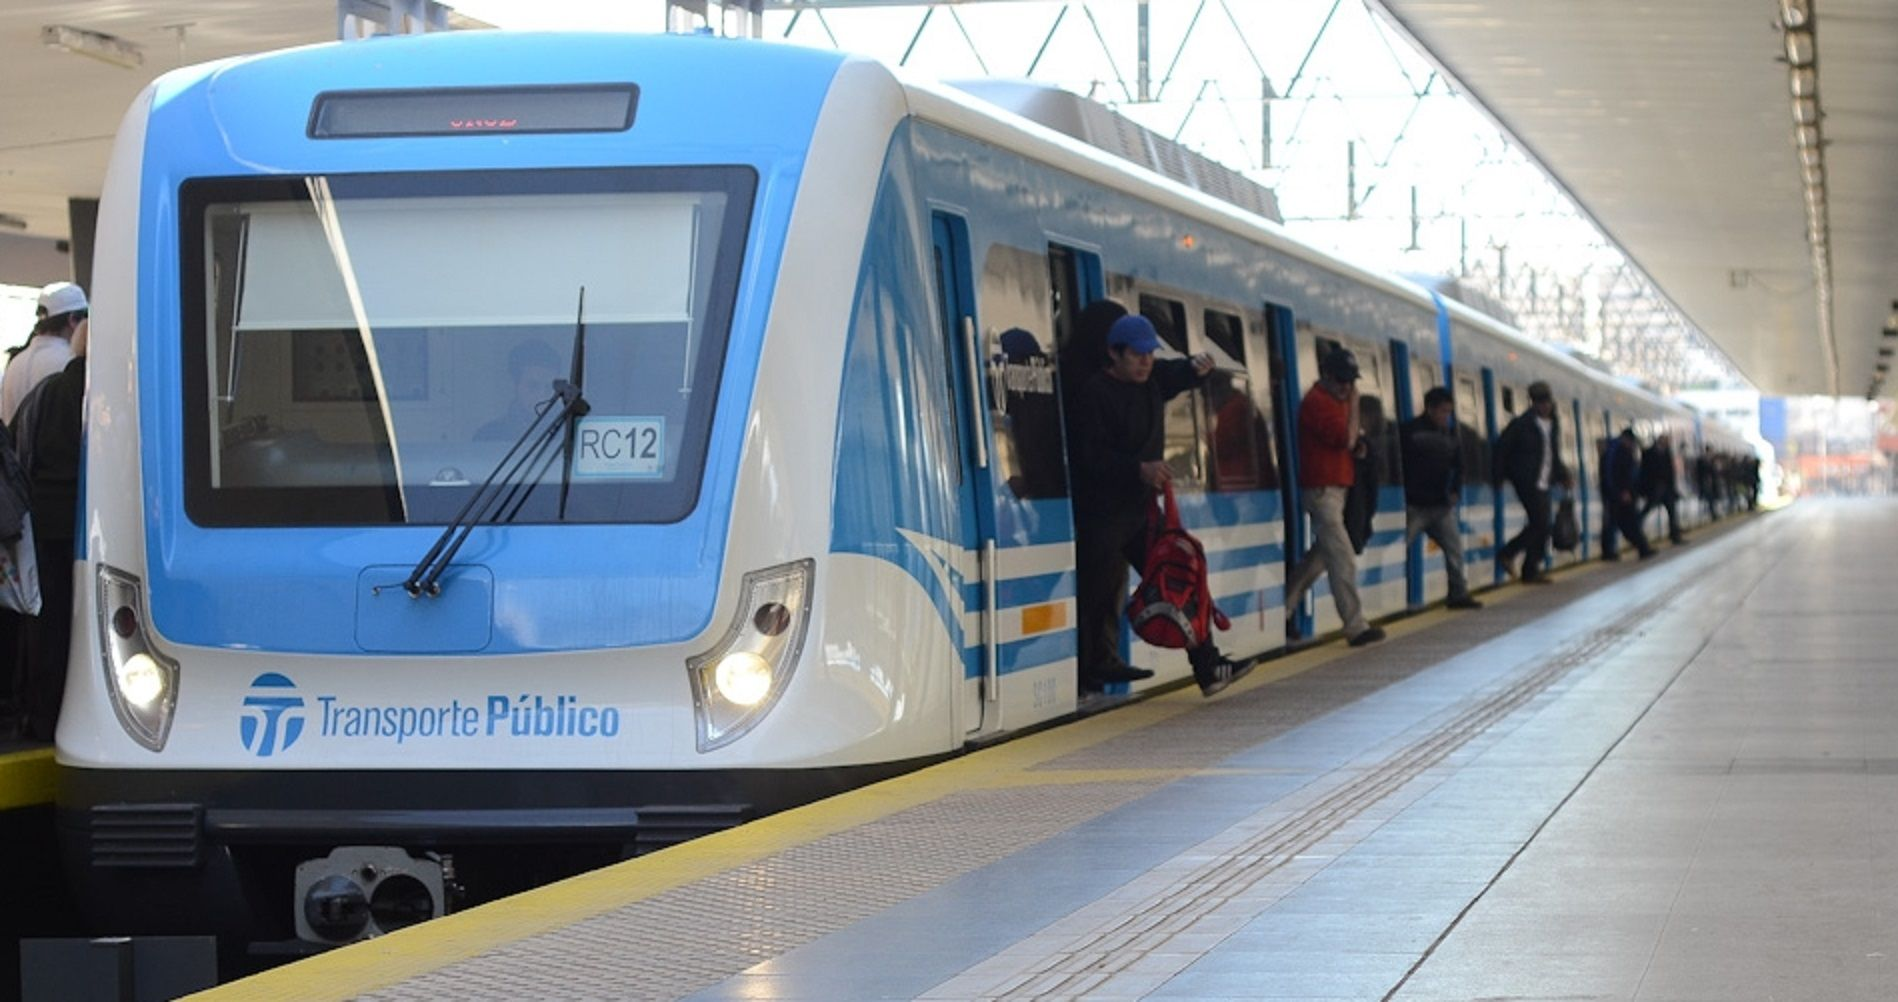 Prometen comprar 200 coches nuevos para el tren Roca